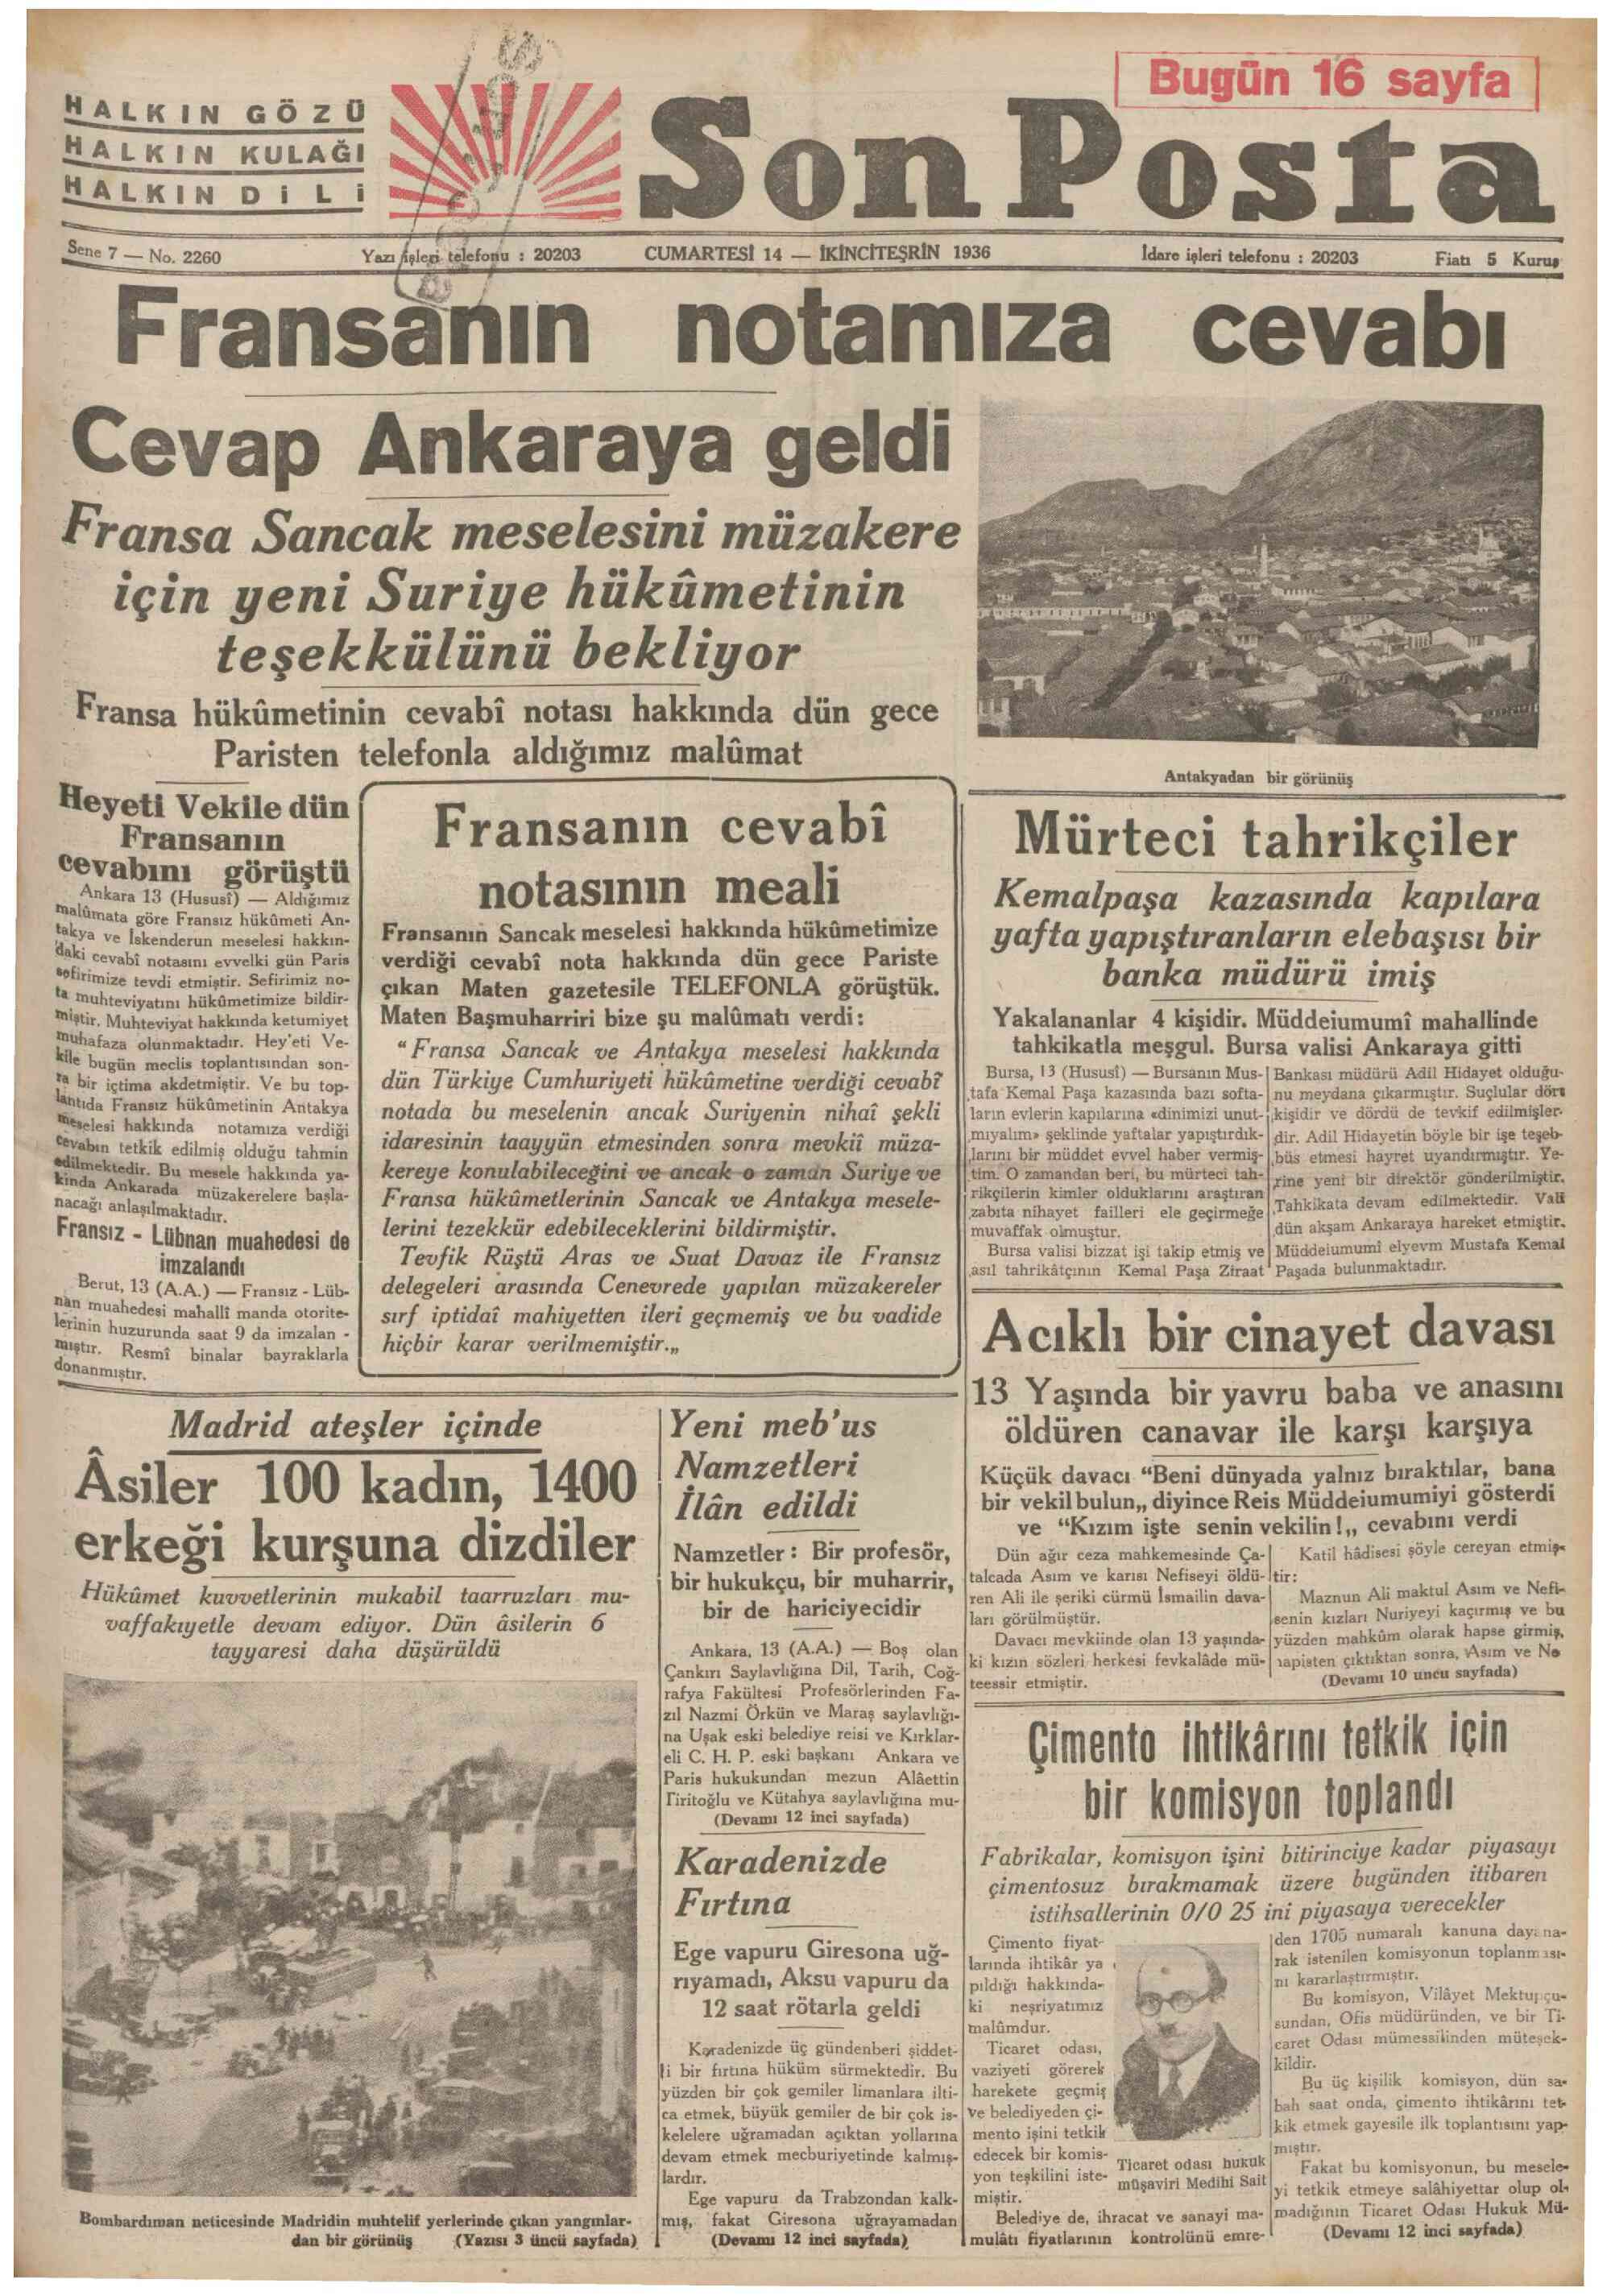 14 Kasım 1936 Tarihli Son Posta Gazetesi Sayfa 1